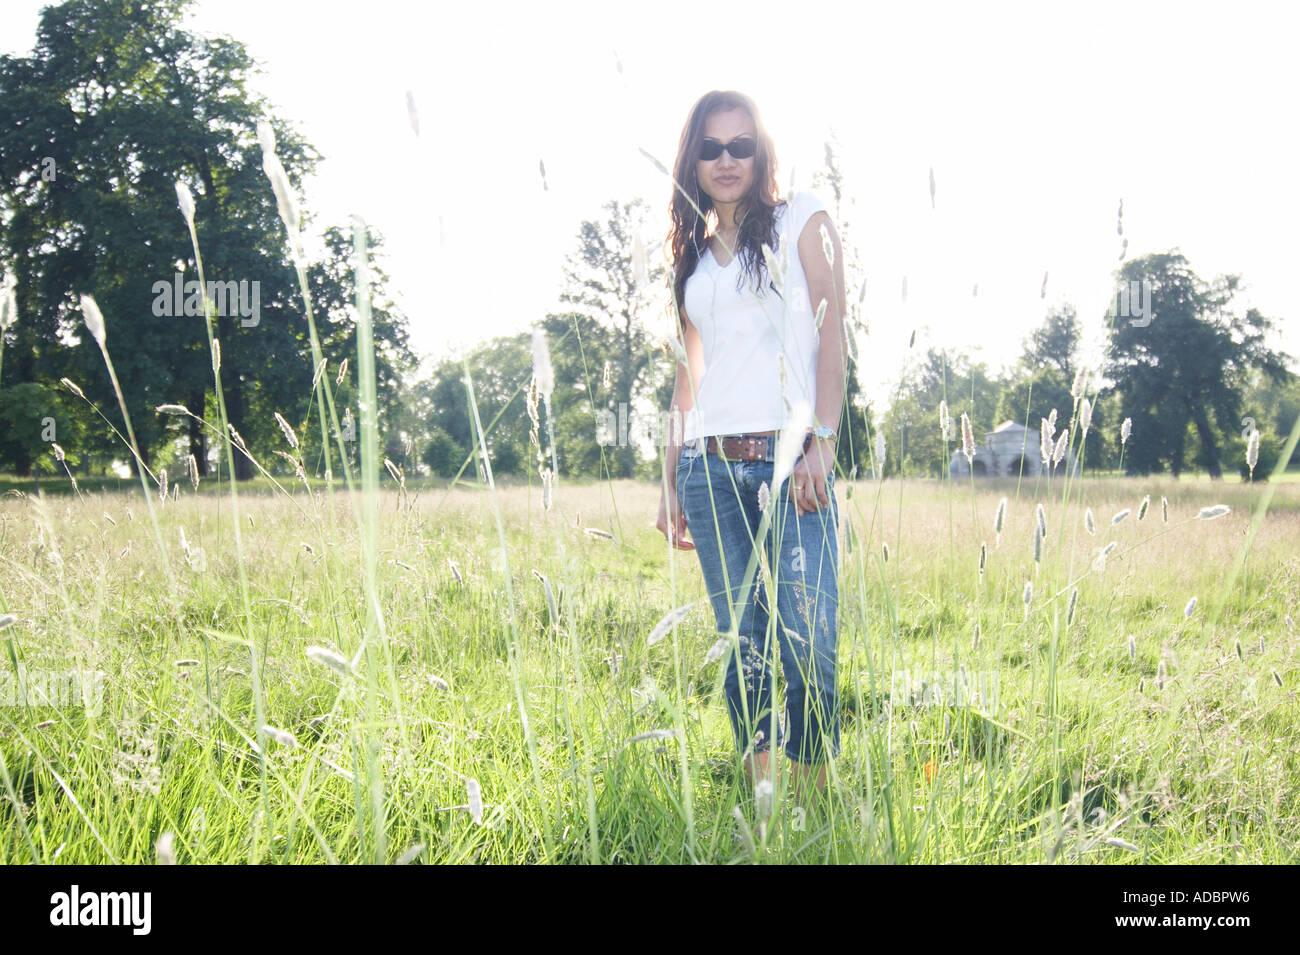 El verano en el parque Imagen De Stock